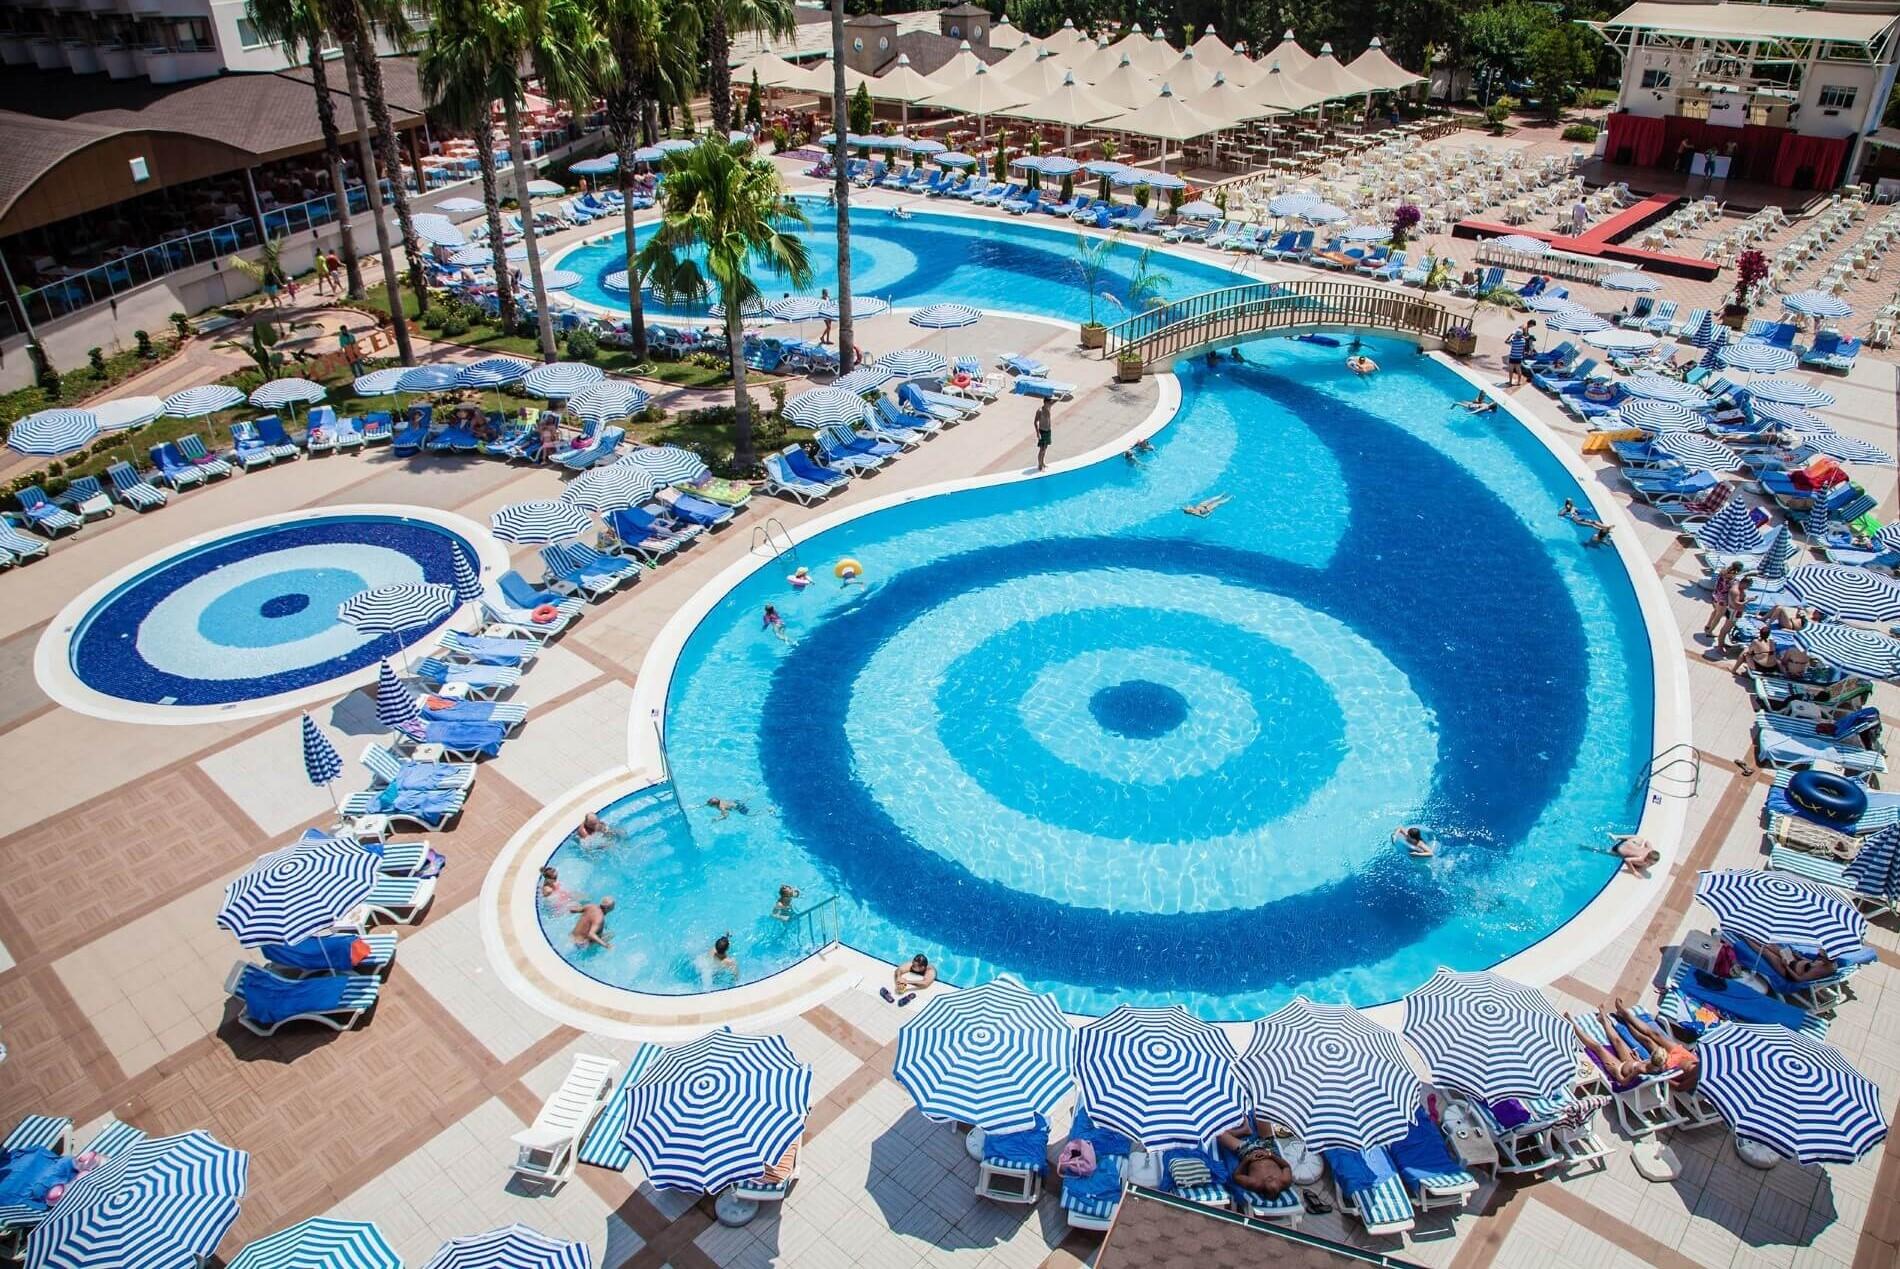 Lonicera World pools